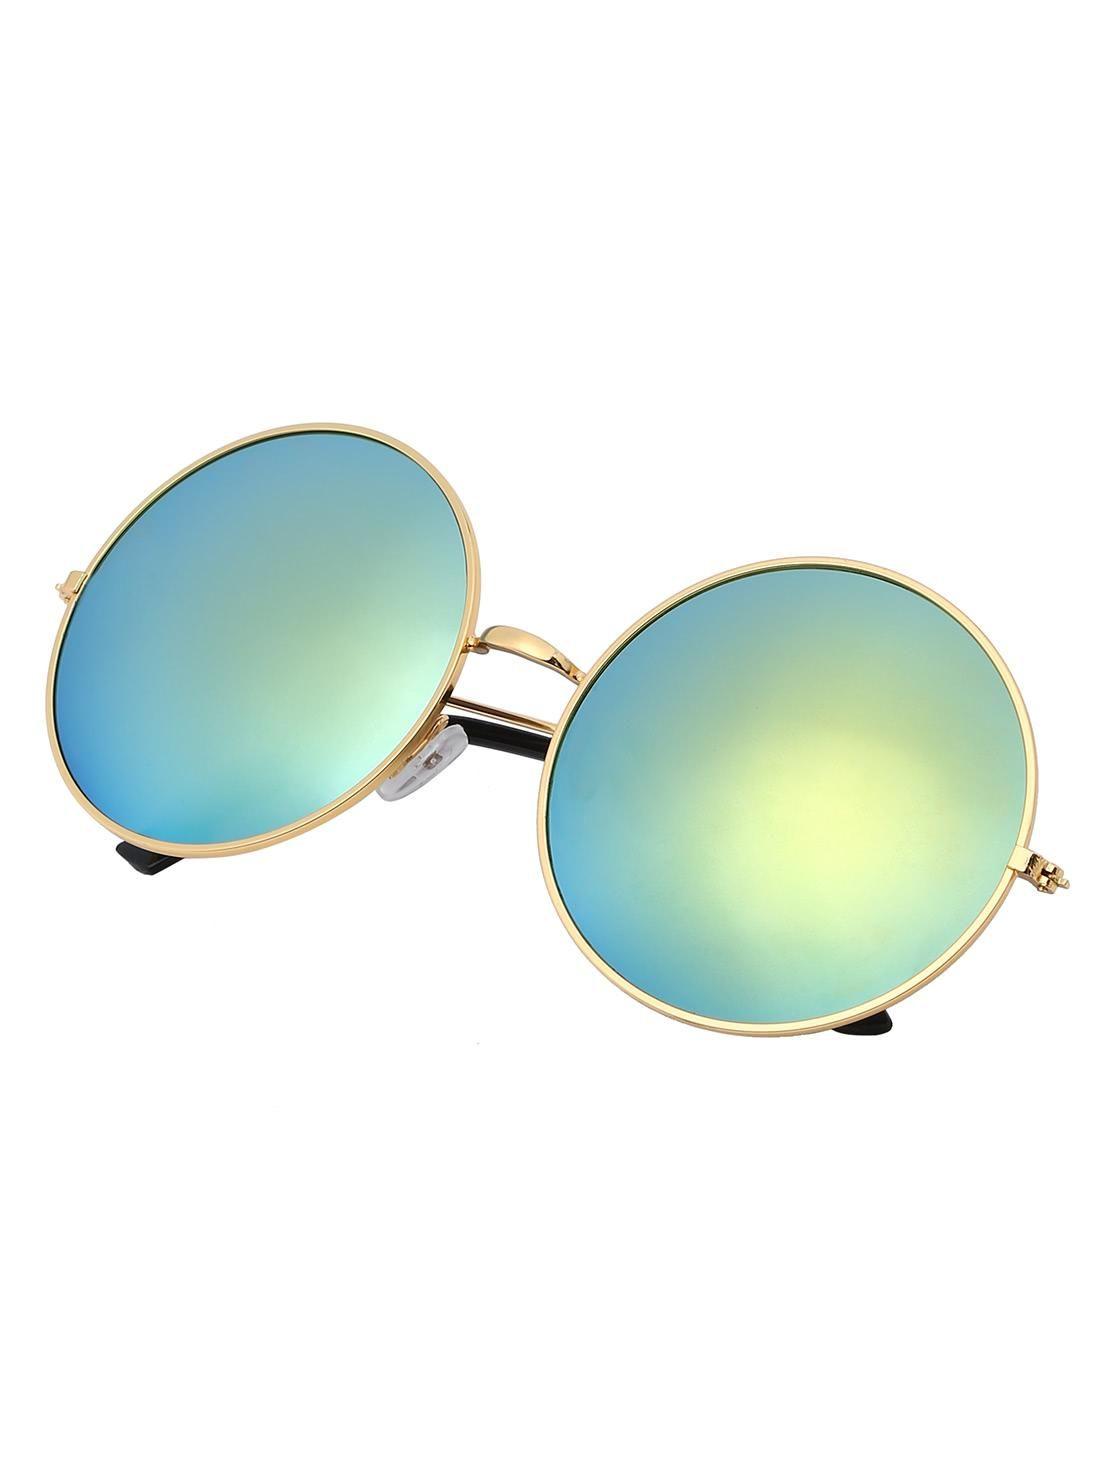 Golden Mirrored Lenses Retro Round Sunglasses   Round sunglasses ...